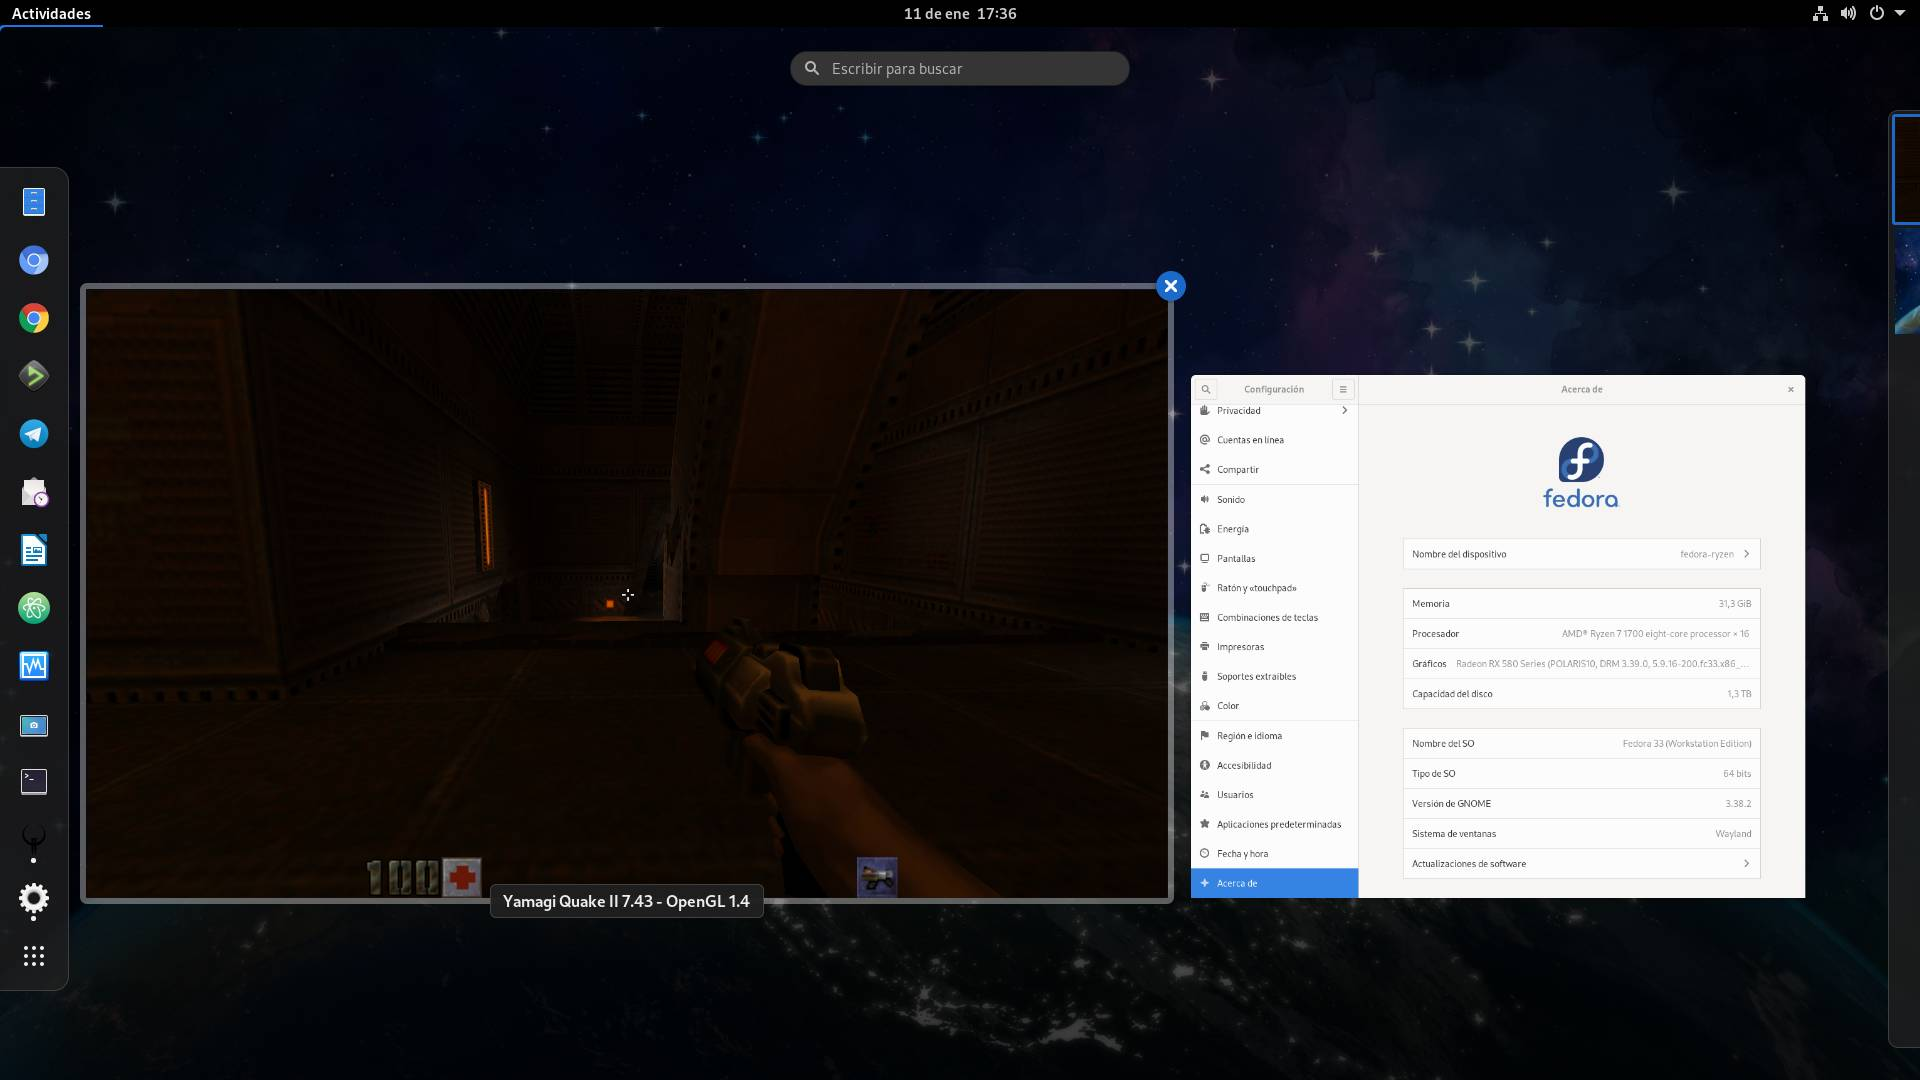 Yamagi Quake 2 en Fedora 33 Workstation